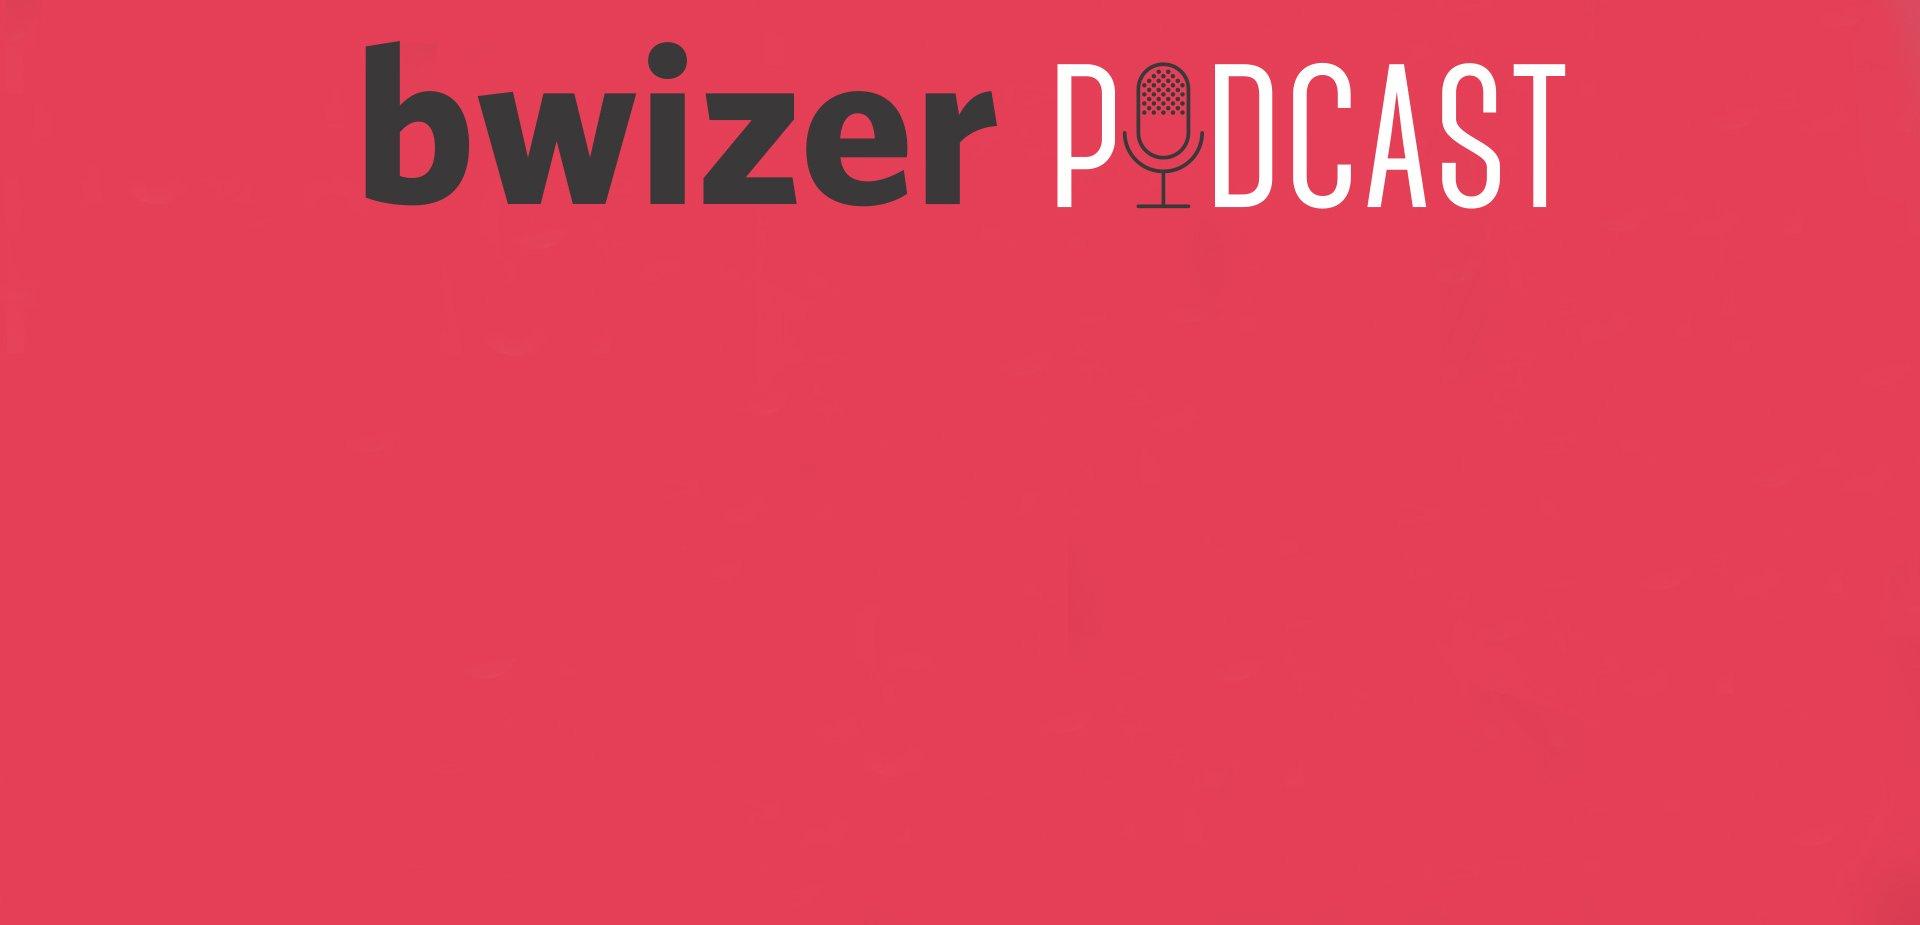 Bwizer Podcast | Episódio 14: Andreia Rocha, Bernardo Pinto e Gabriel Martins da Costa